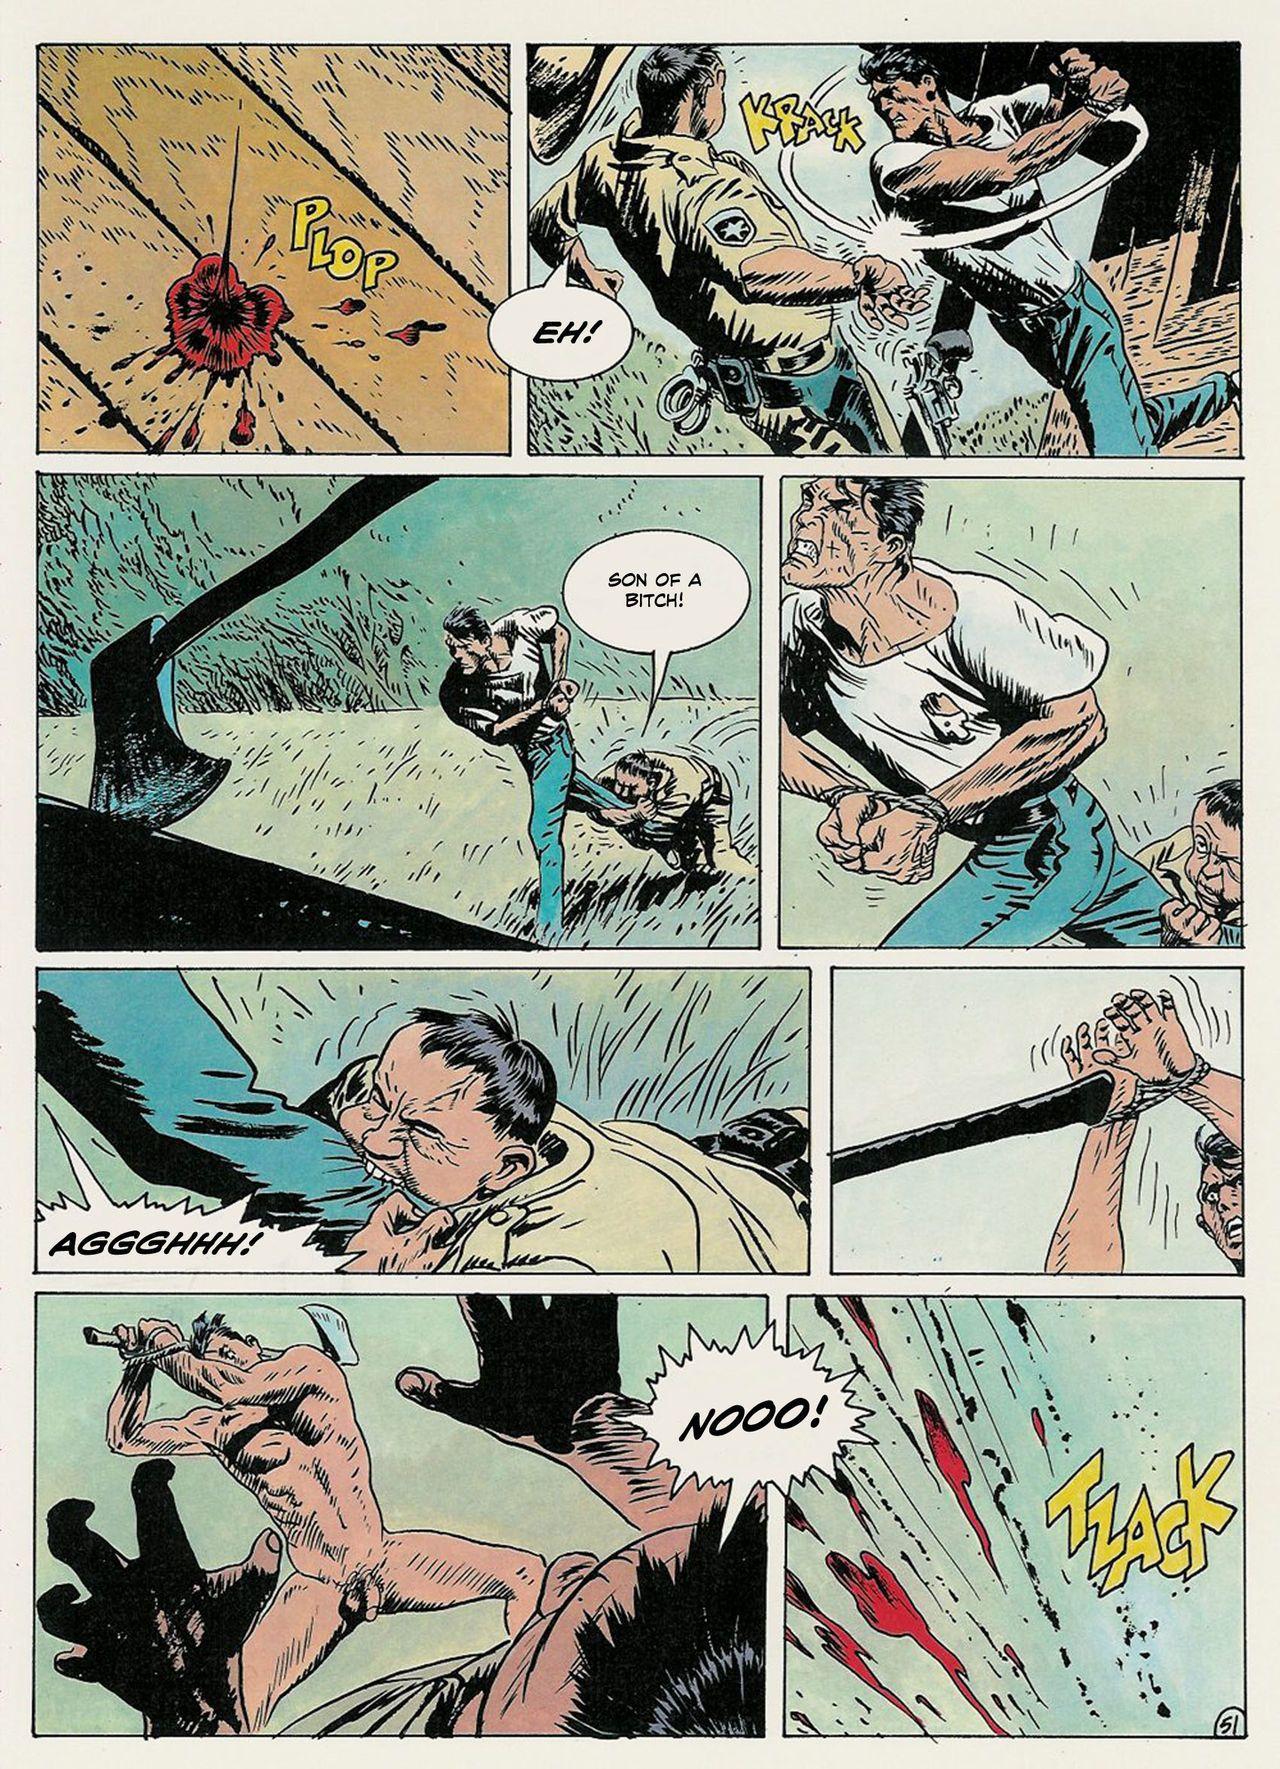 Jordi Bernet- Enrique Sanchez AbuliThe Nature of The Beast - part 3